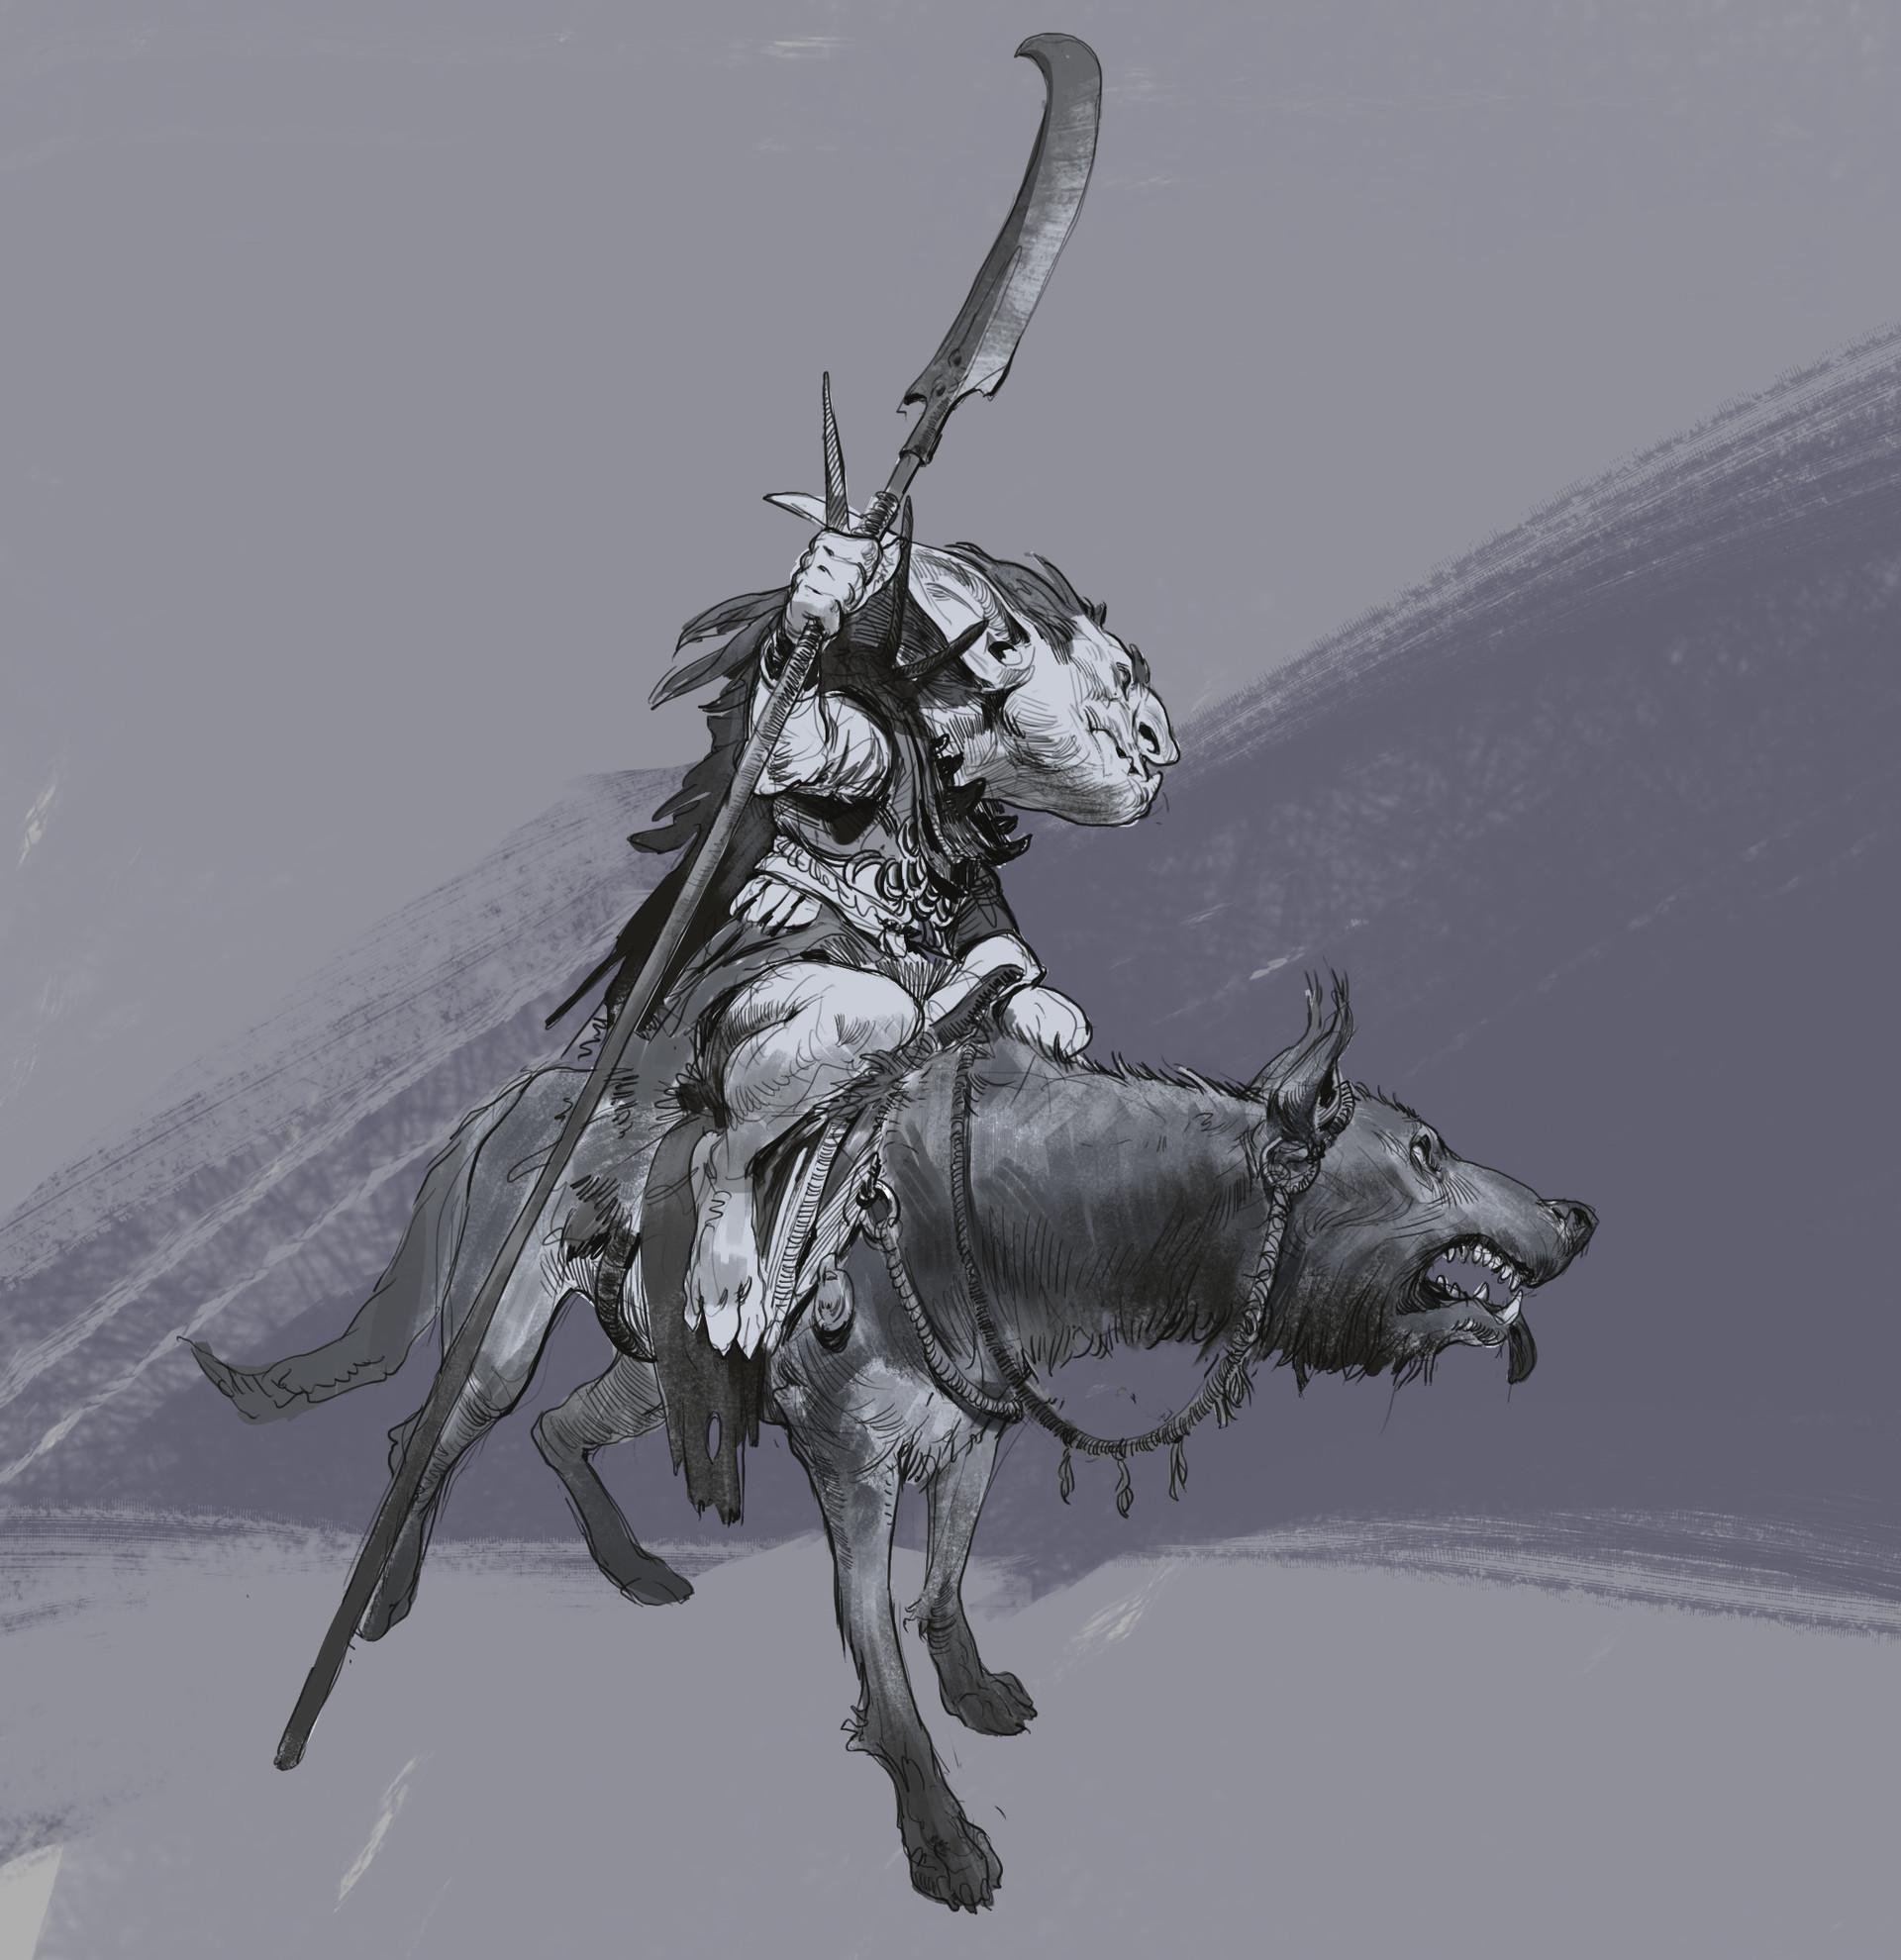 Even amundsen 111 the rider